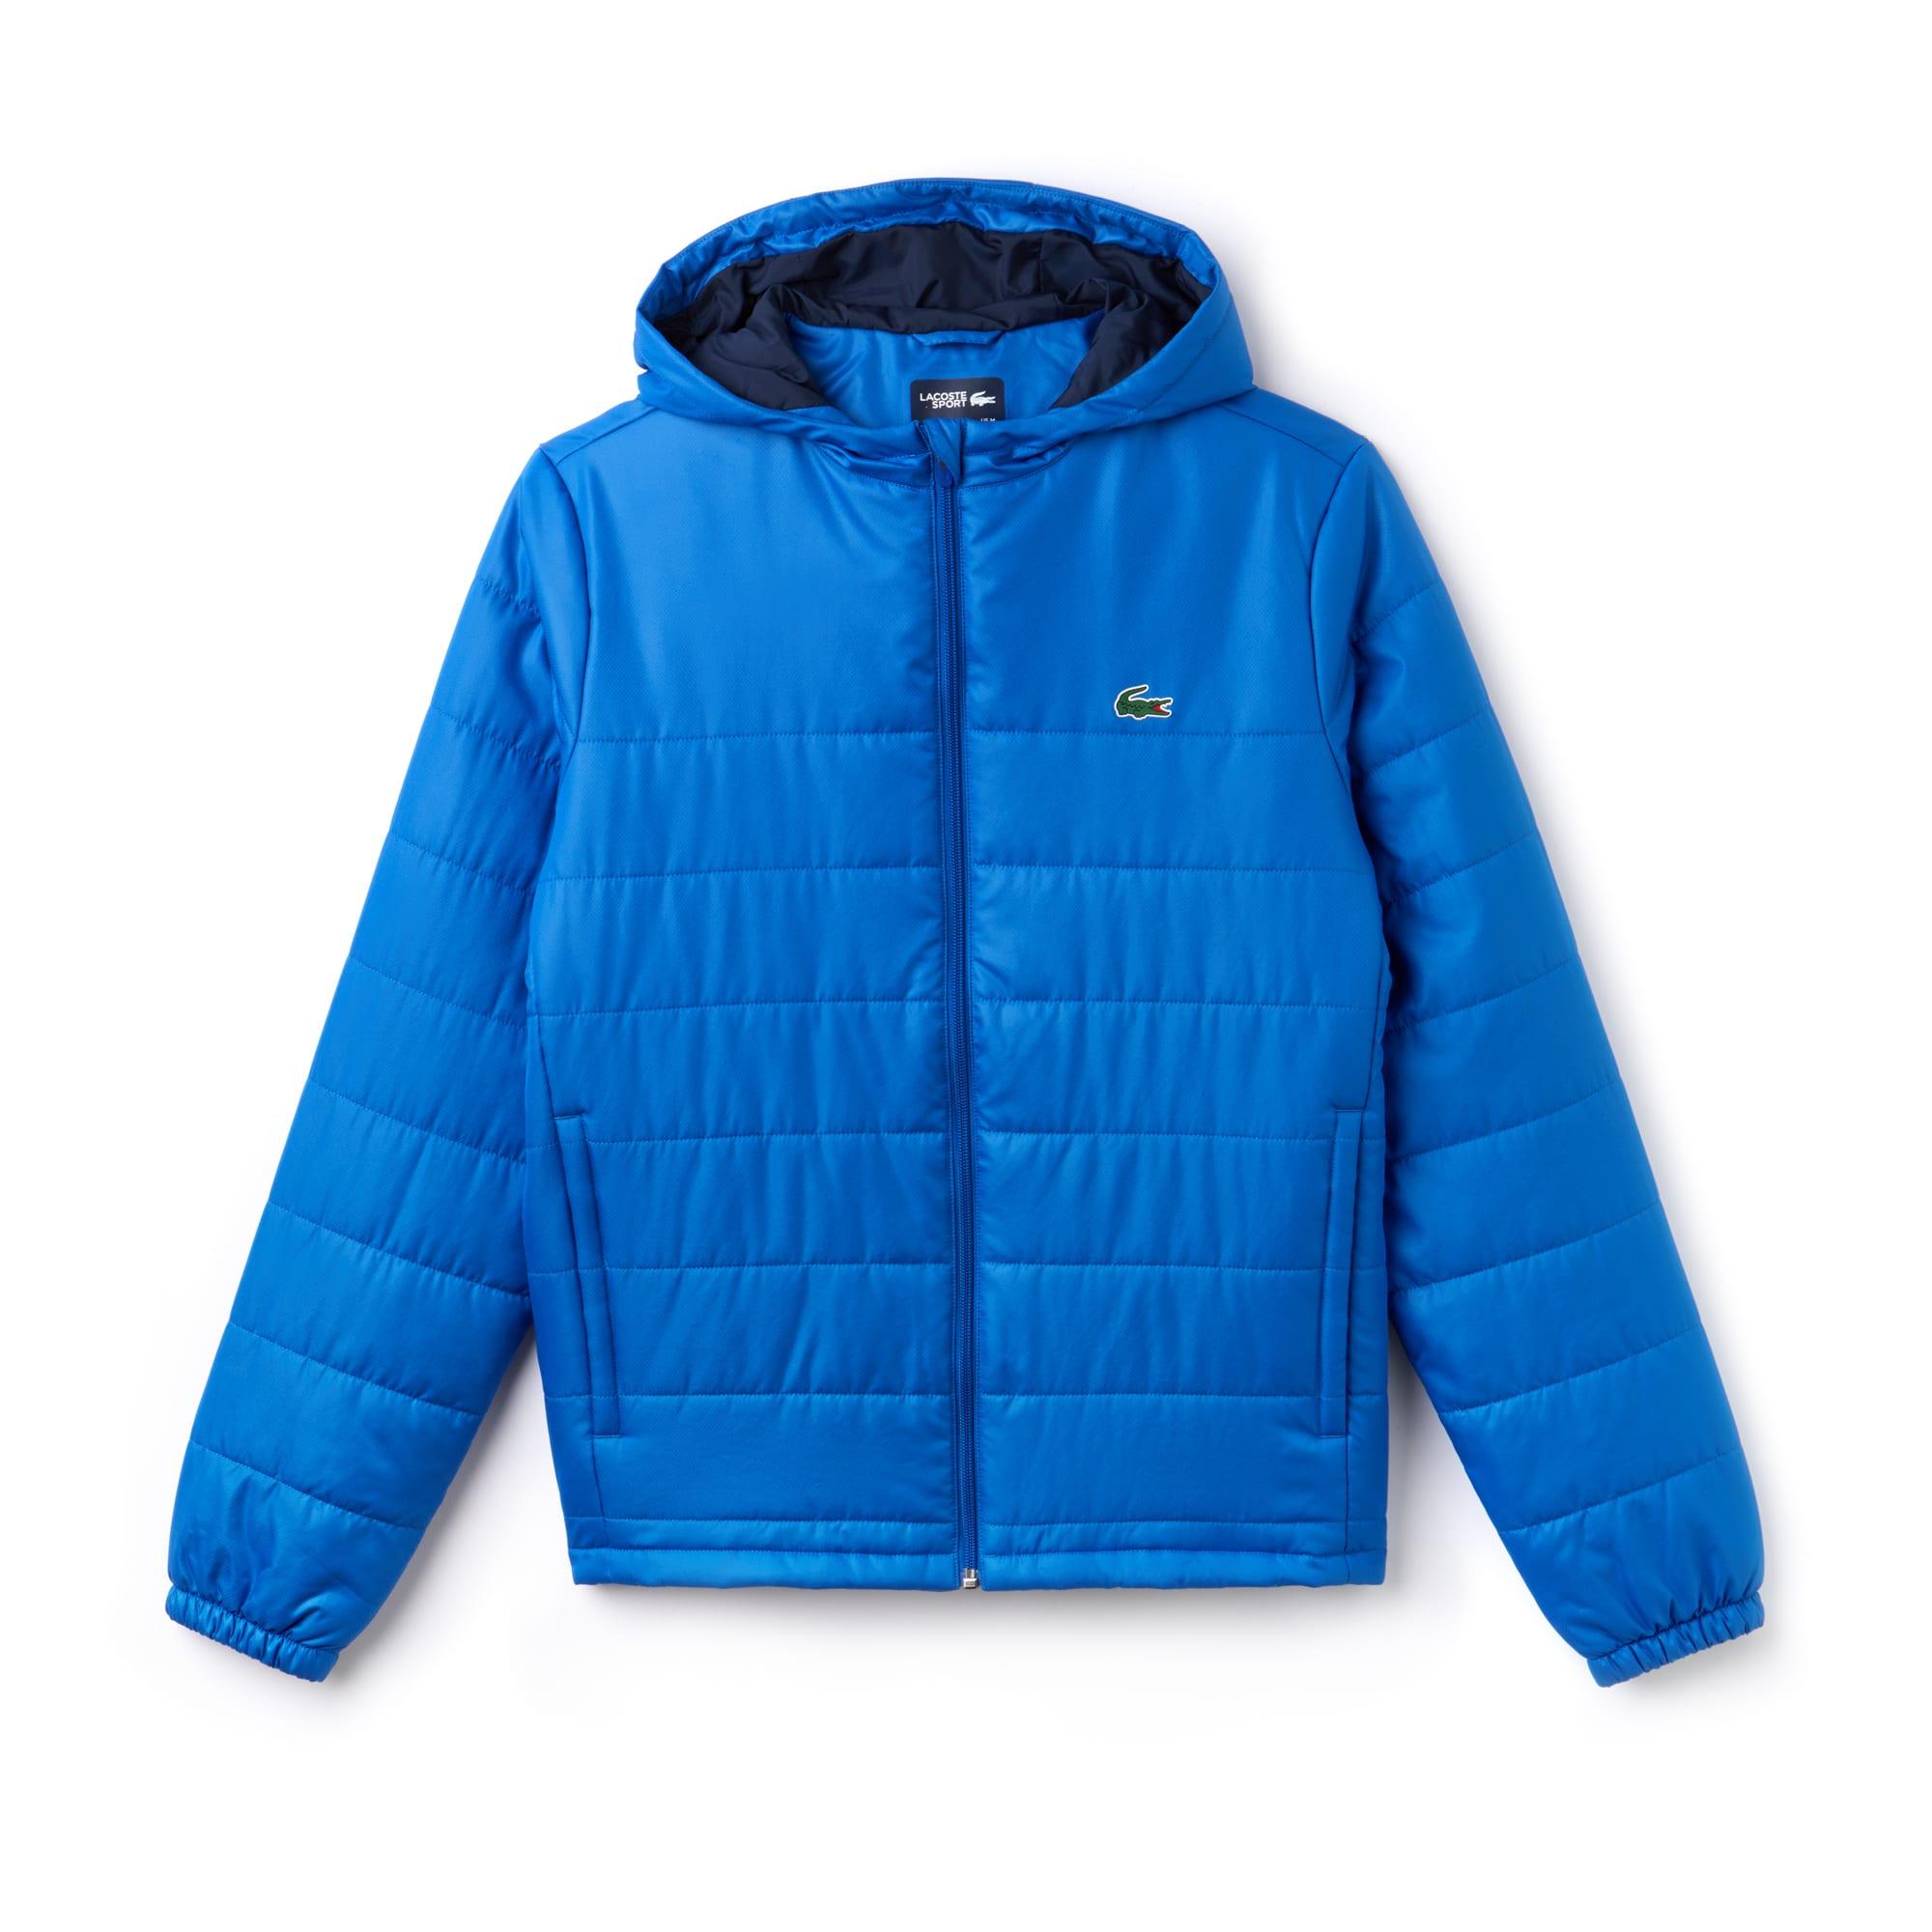 라코스테 스포츠 후드 집업 자켓 Lacoste Mens SPORT Hooded Water-Resistant Taffeta Tennis Jacket,blue royal/navy blue